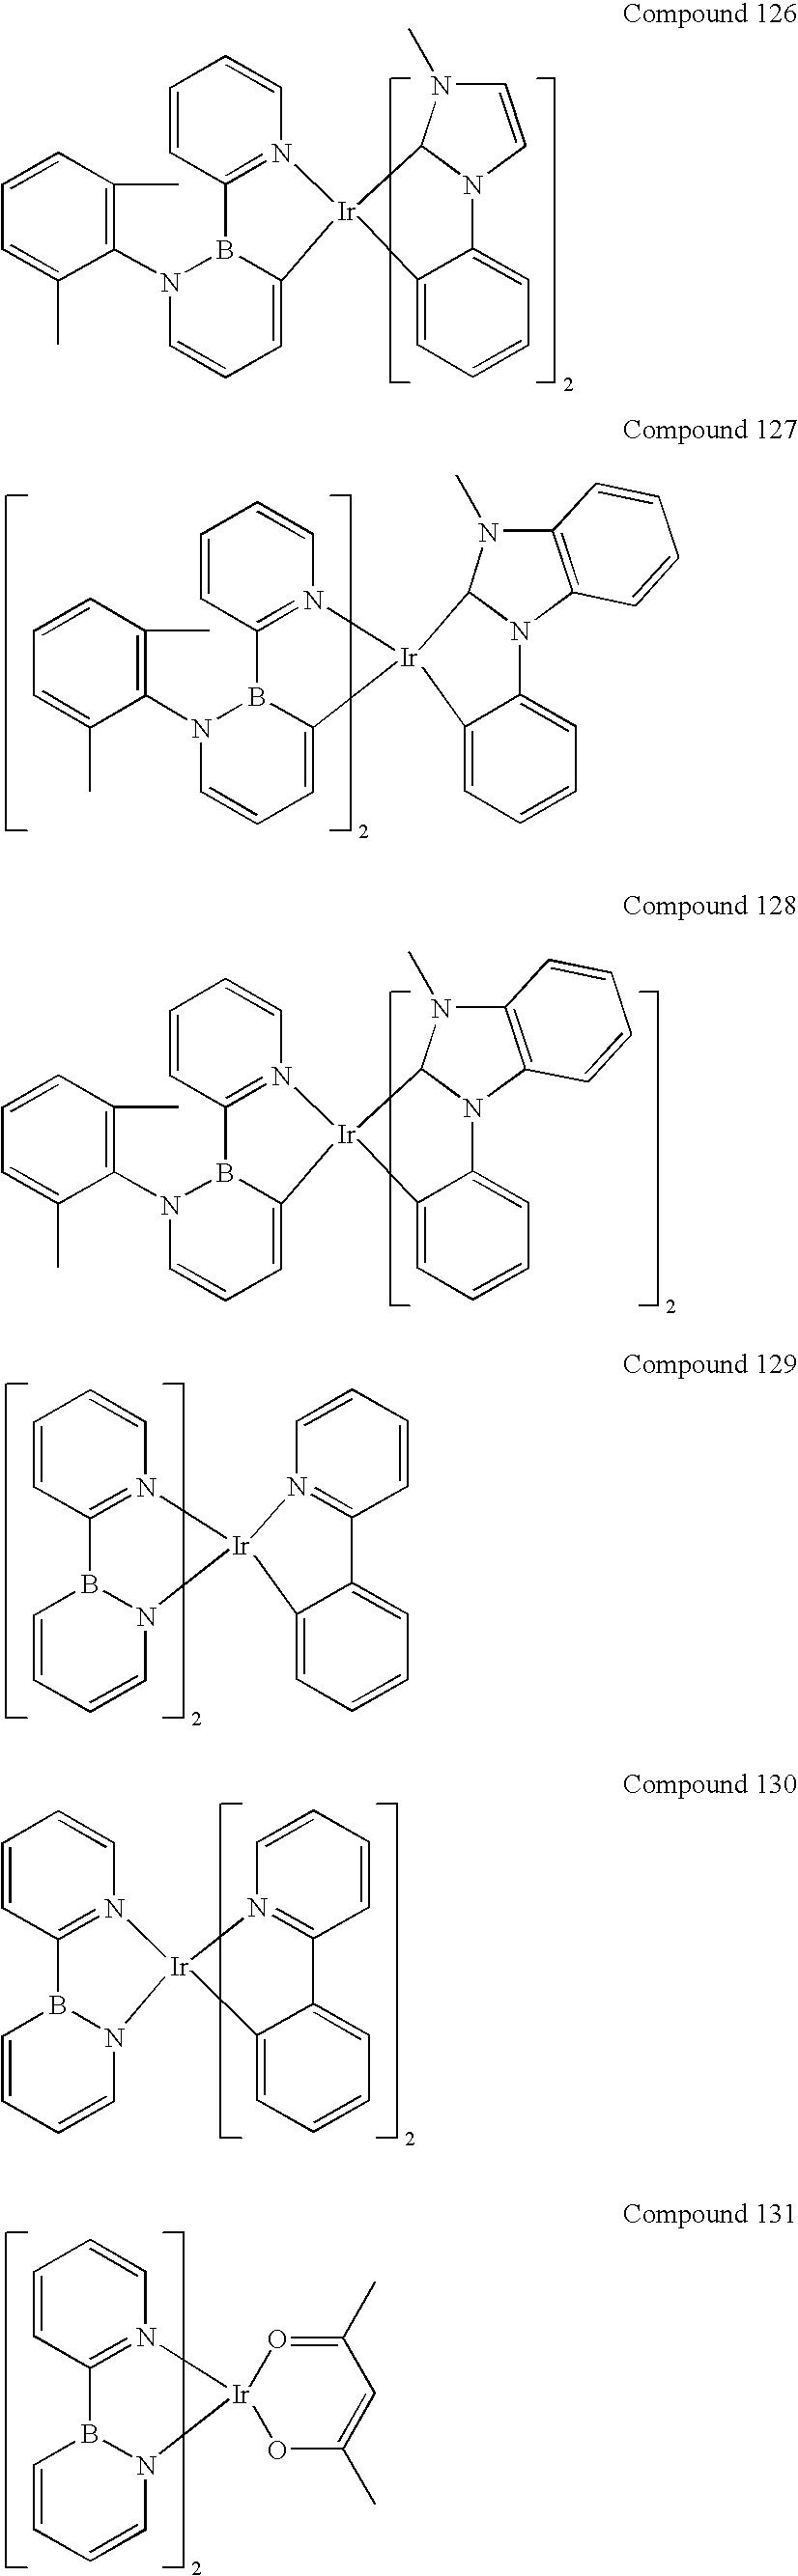 Figure US20100295032A1-20101125-C00150